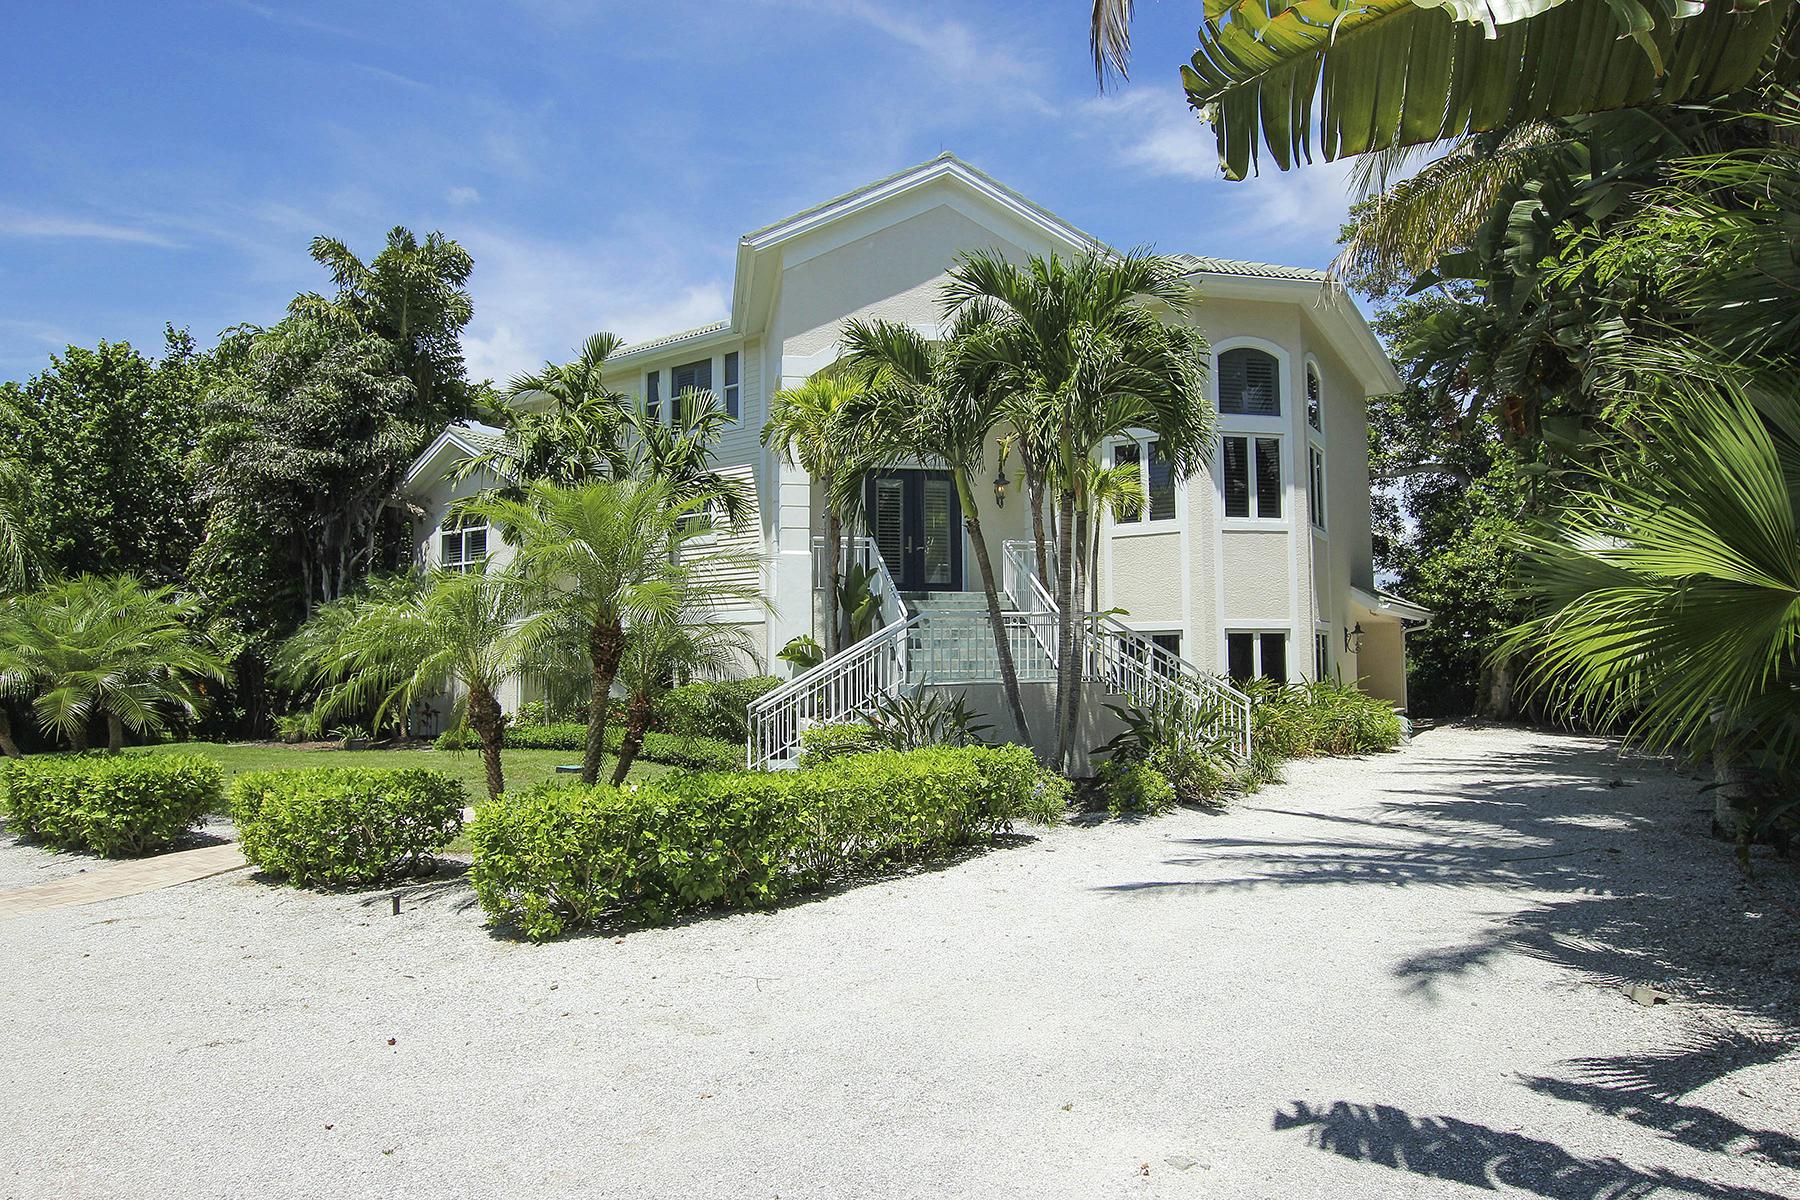 Tek Ailelik Ev için Satış at 16447 Captiva Dr , Captiva, FL 33924 16447 Captiva Dr Captiva, Florida, 33924 Amerika Birleşik Devletleri